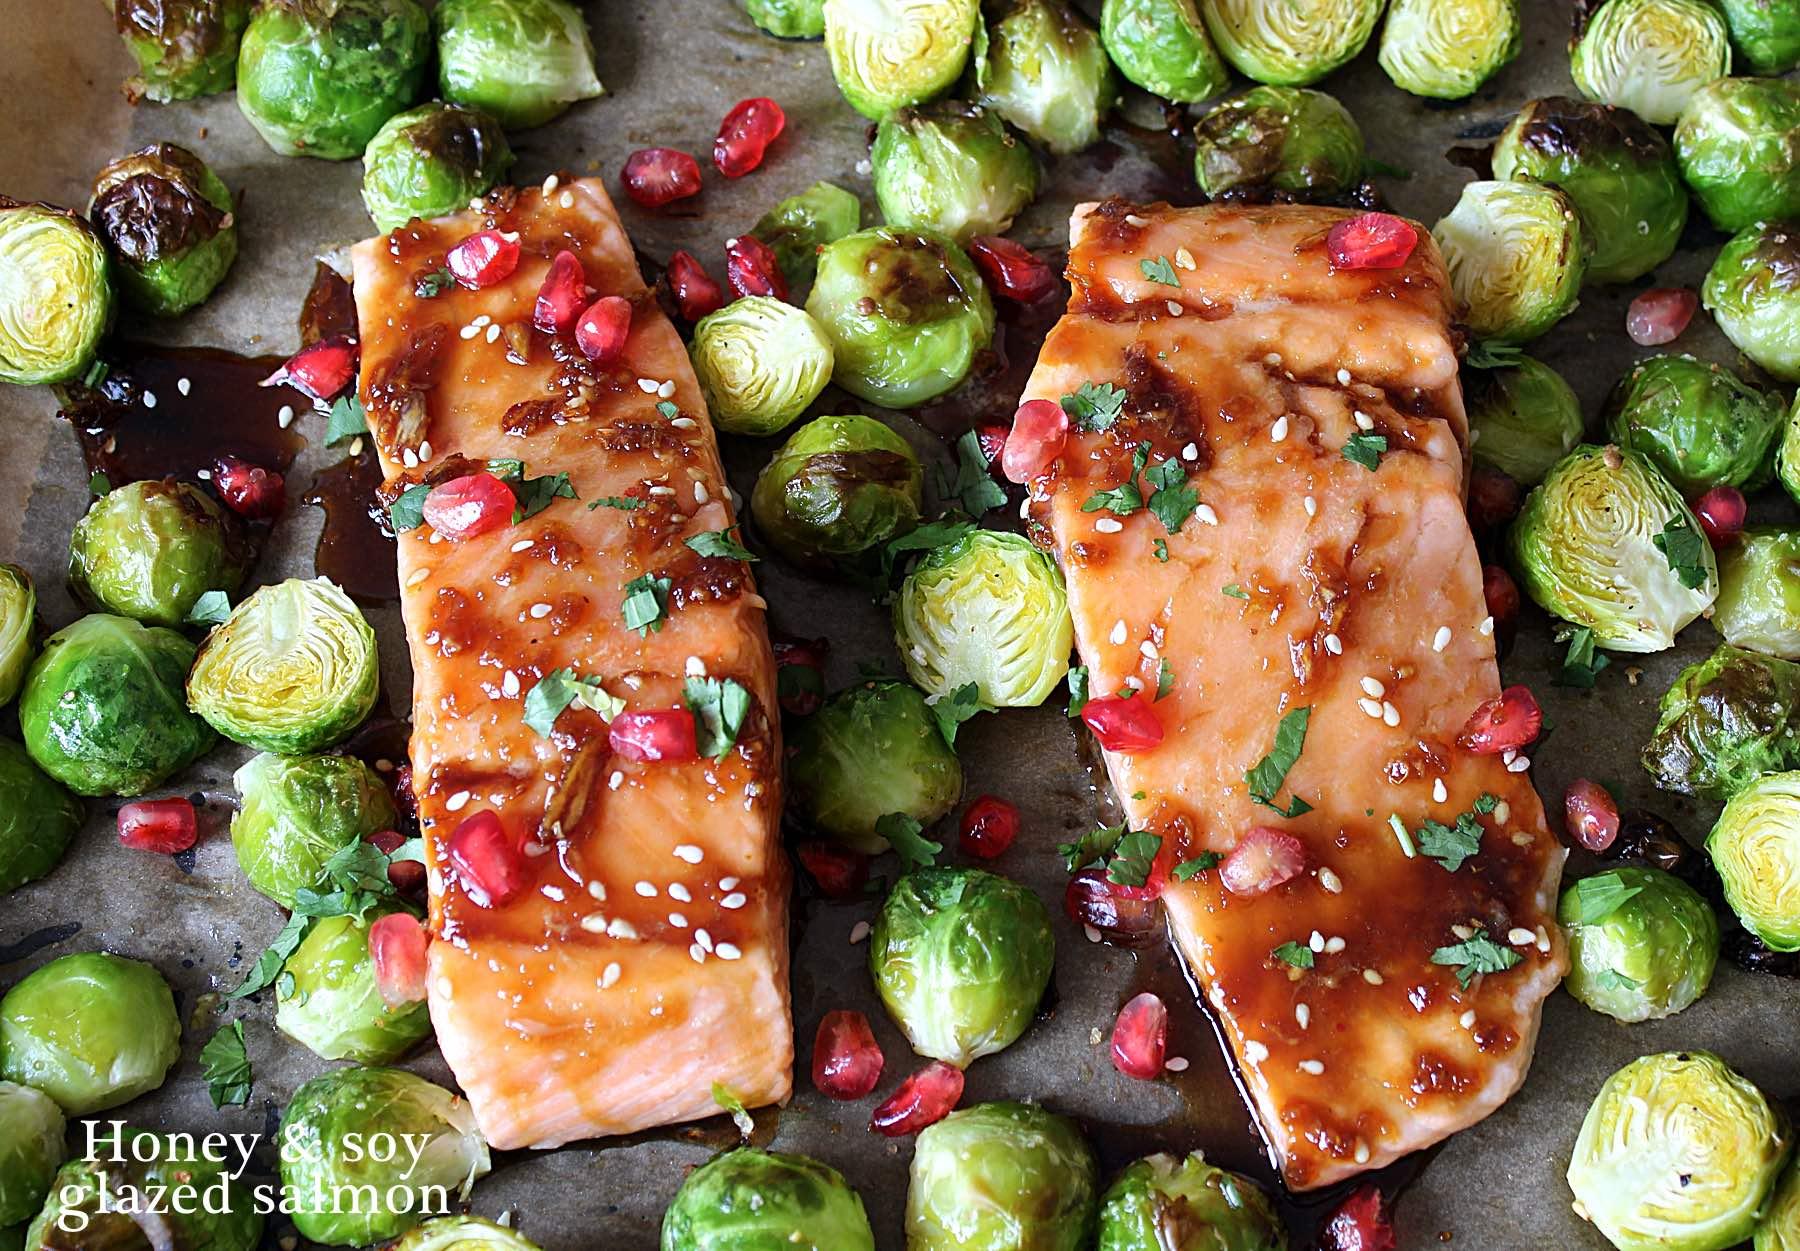 Honey & soy glazed salmon